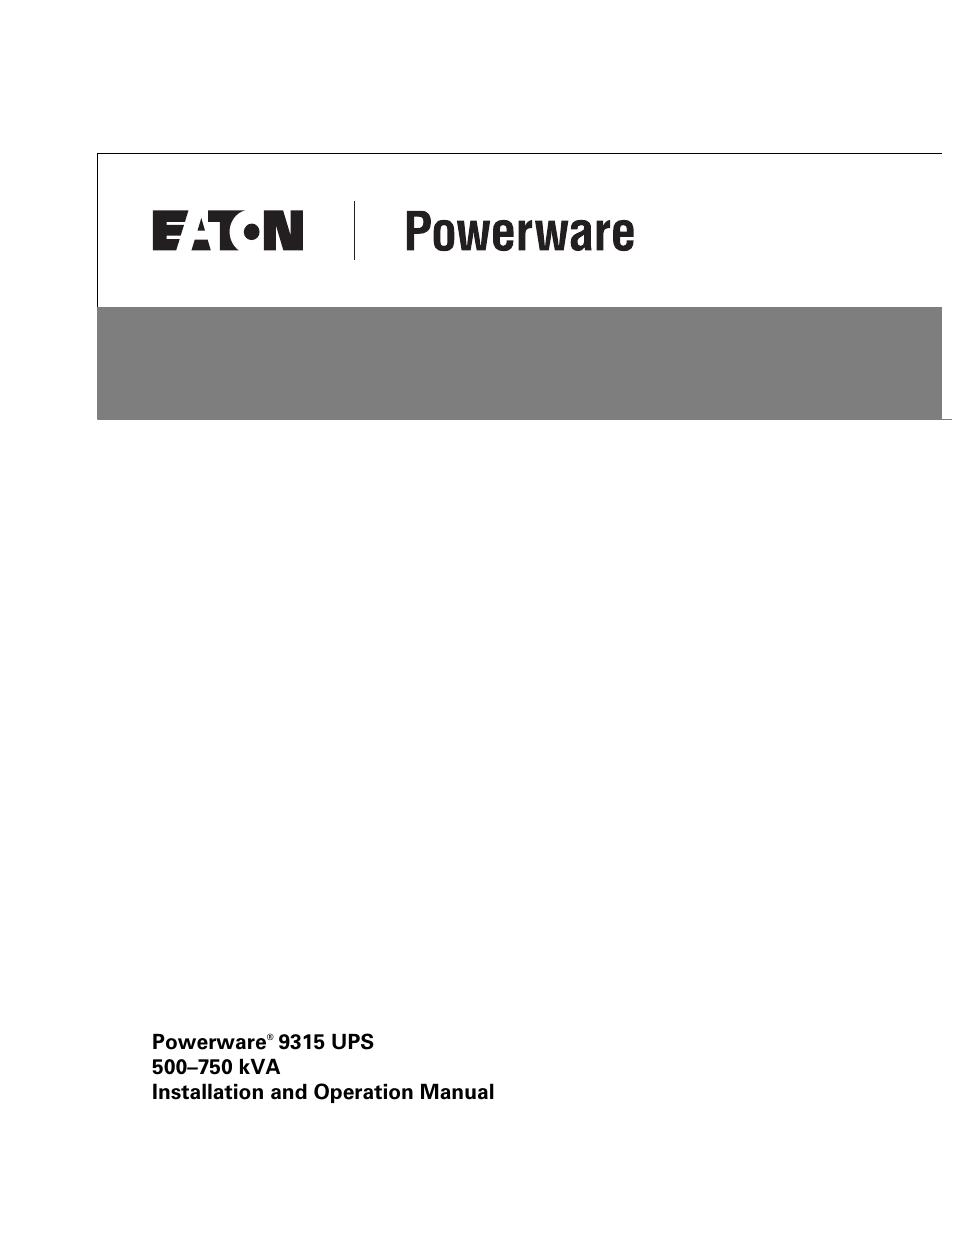 eaton powerware 9315 user manual